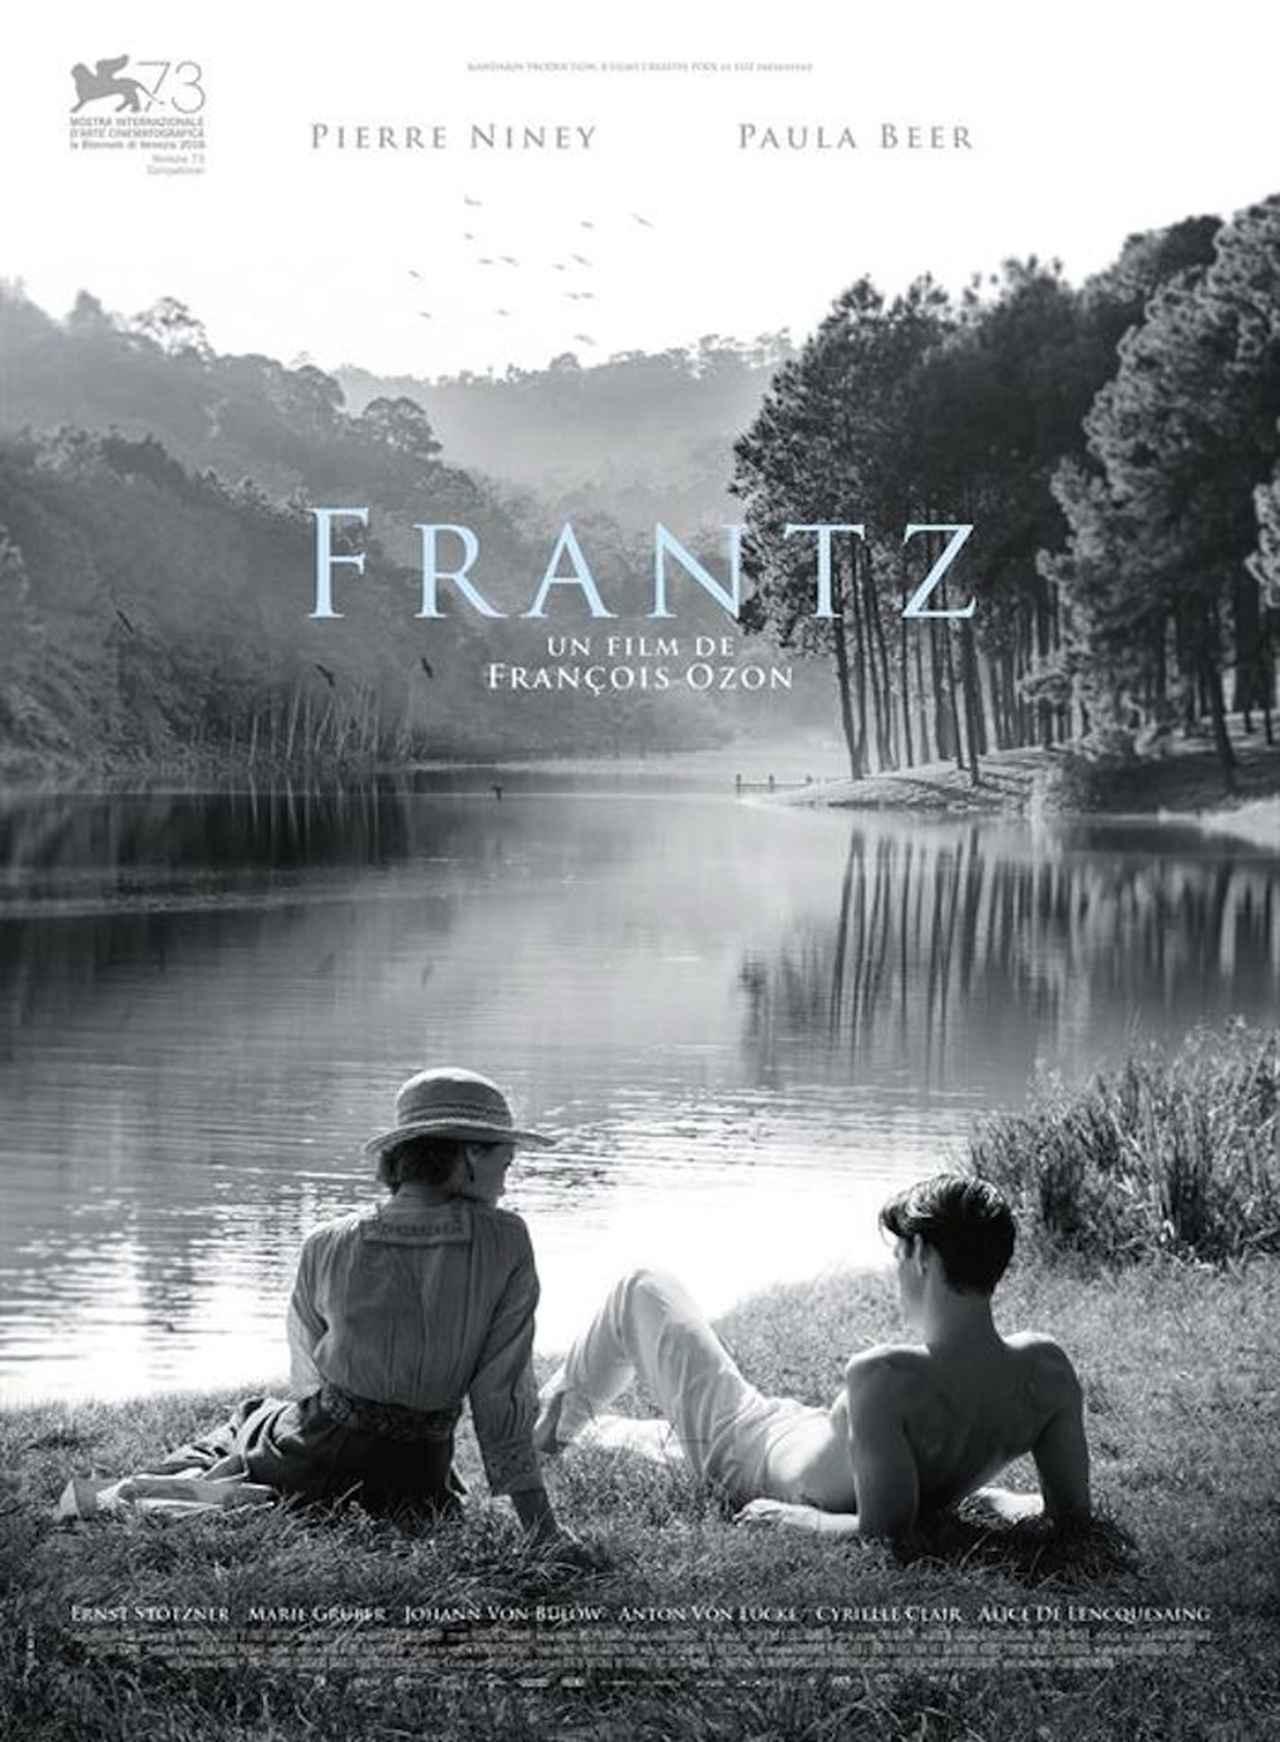 画像1: http://www.avoir-alire.com/frantz-la-critique-du-film